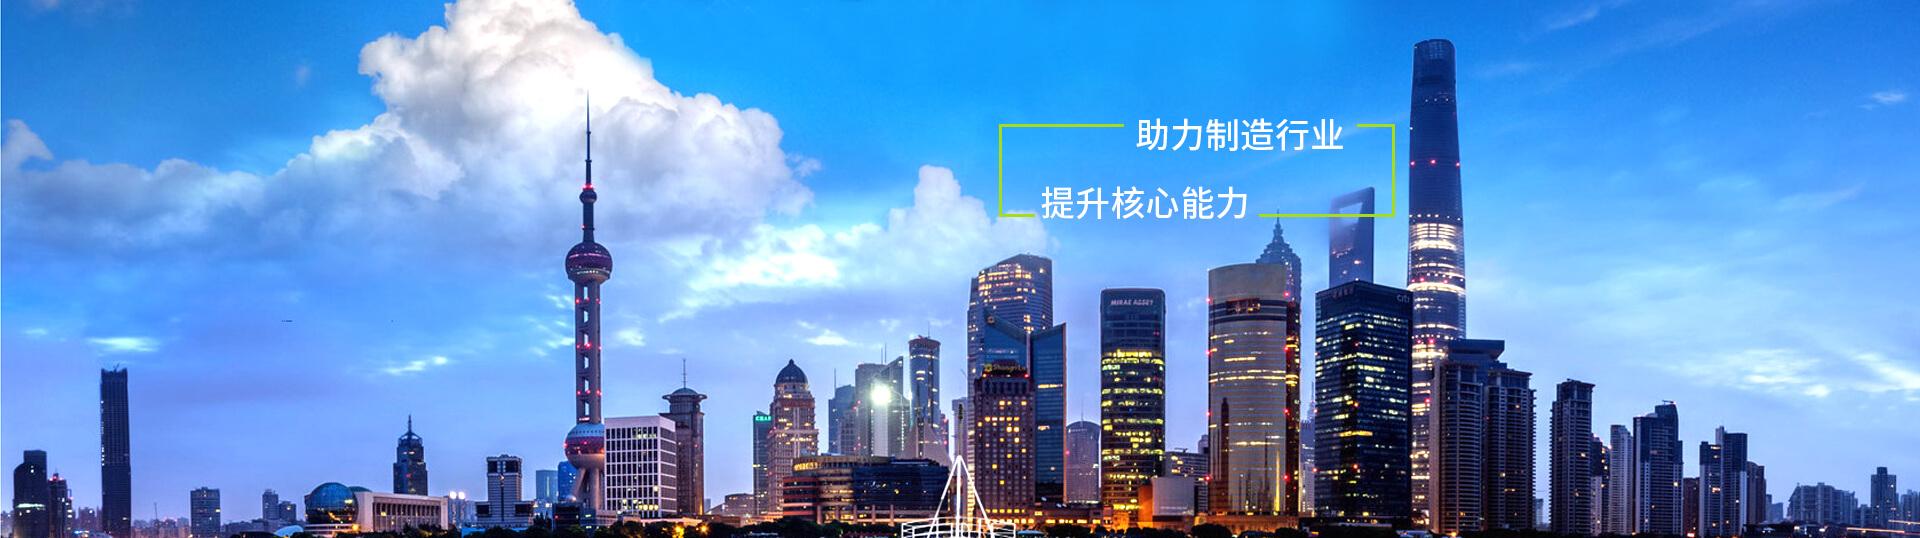 山东宸鑫自动化机械有限公司